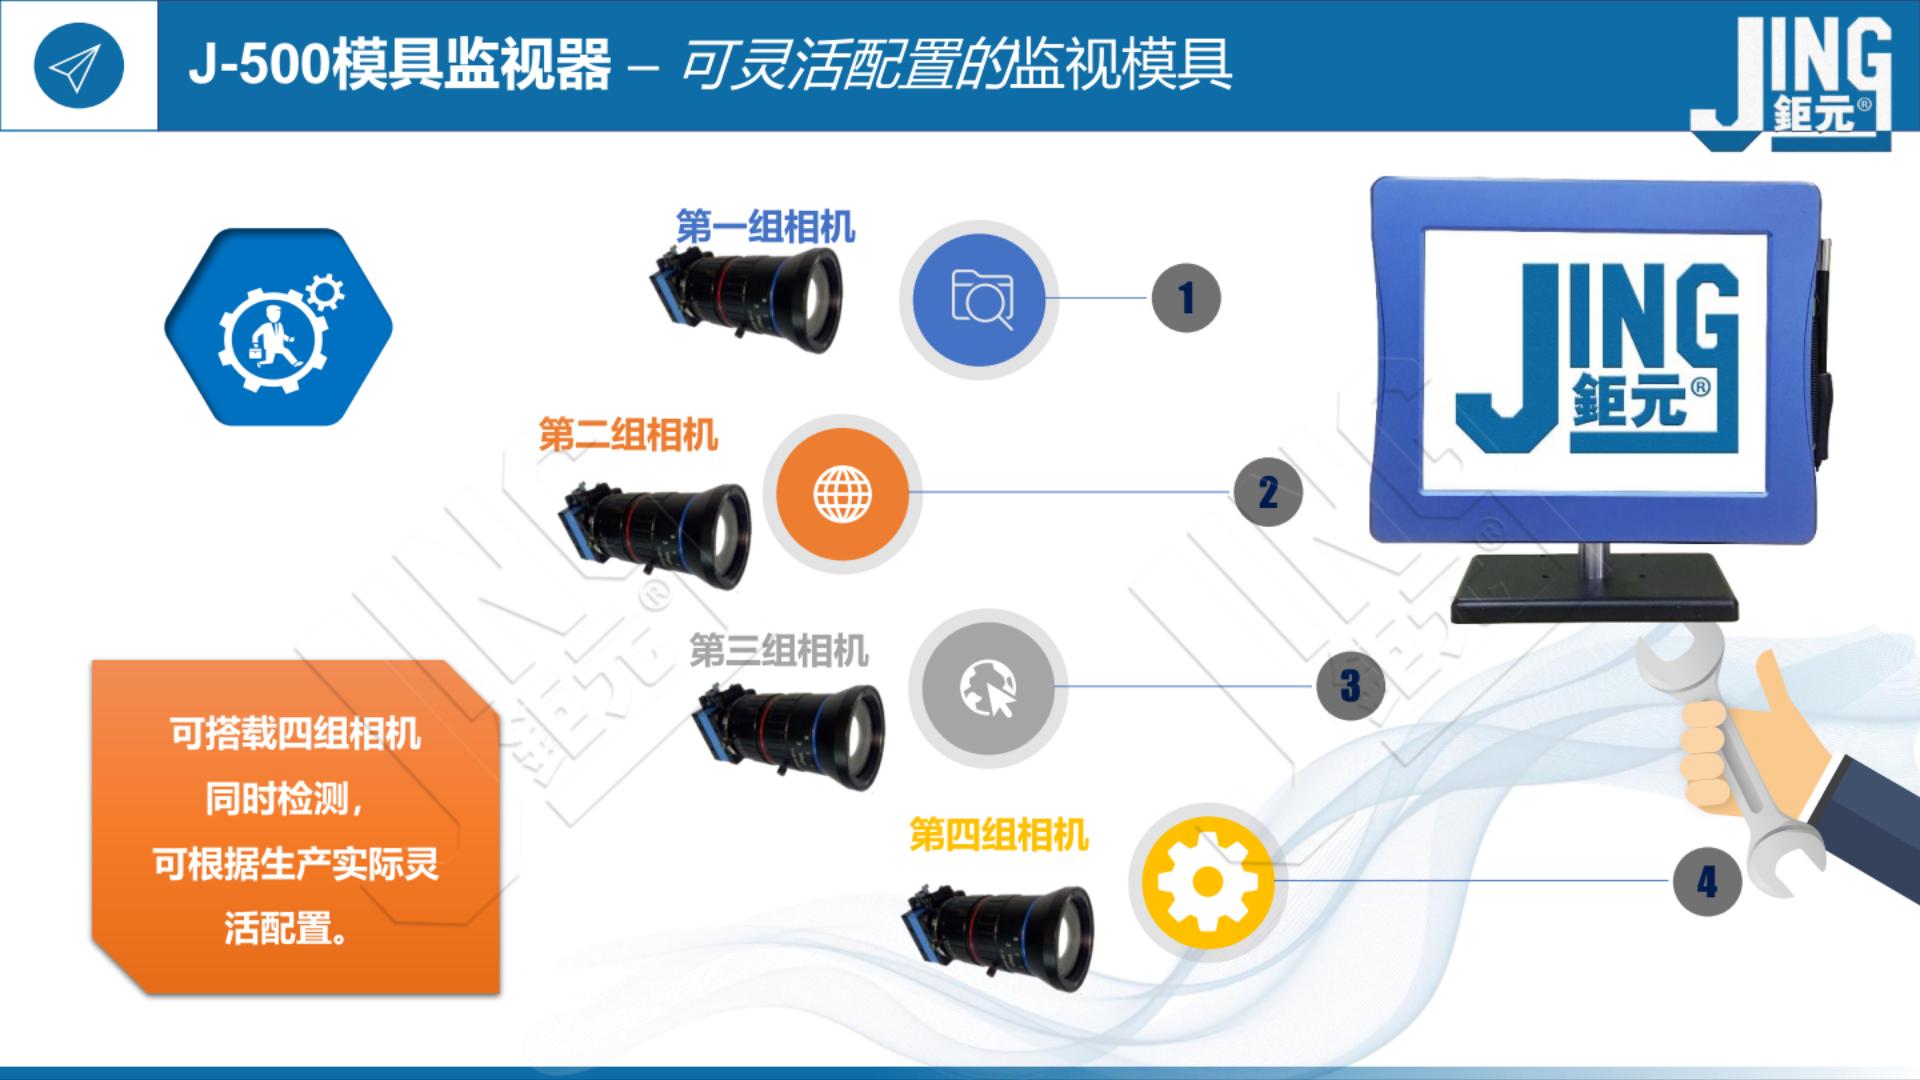 产品介绍-6.png